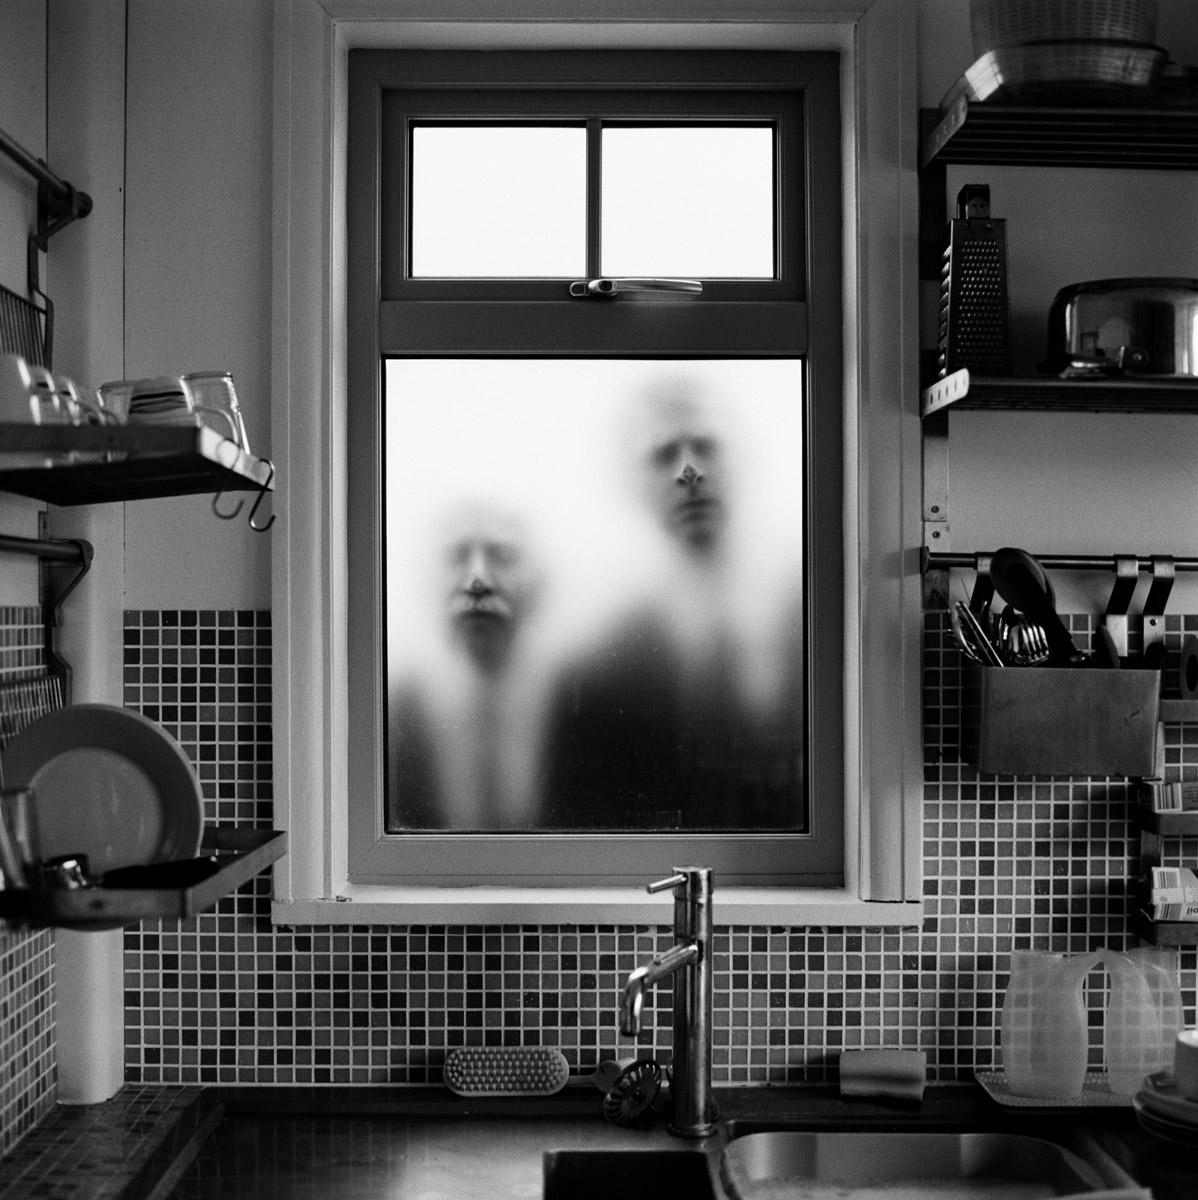 Матримониальные узы, © Джон Пол Эванс / John Paul Evans, Англия, Фотограф года B&W 2017, Фотоконкурс «Чёрно-белая фотография» — Black & White Photography Awards — Журнал Dodho